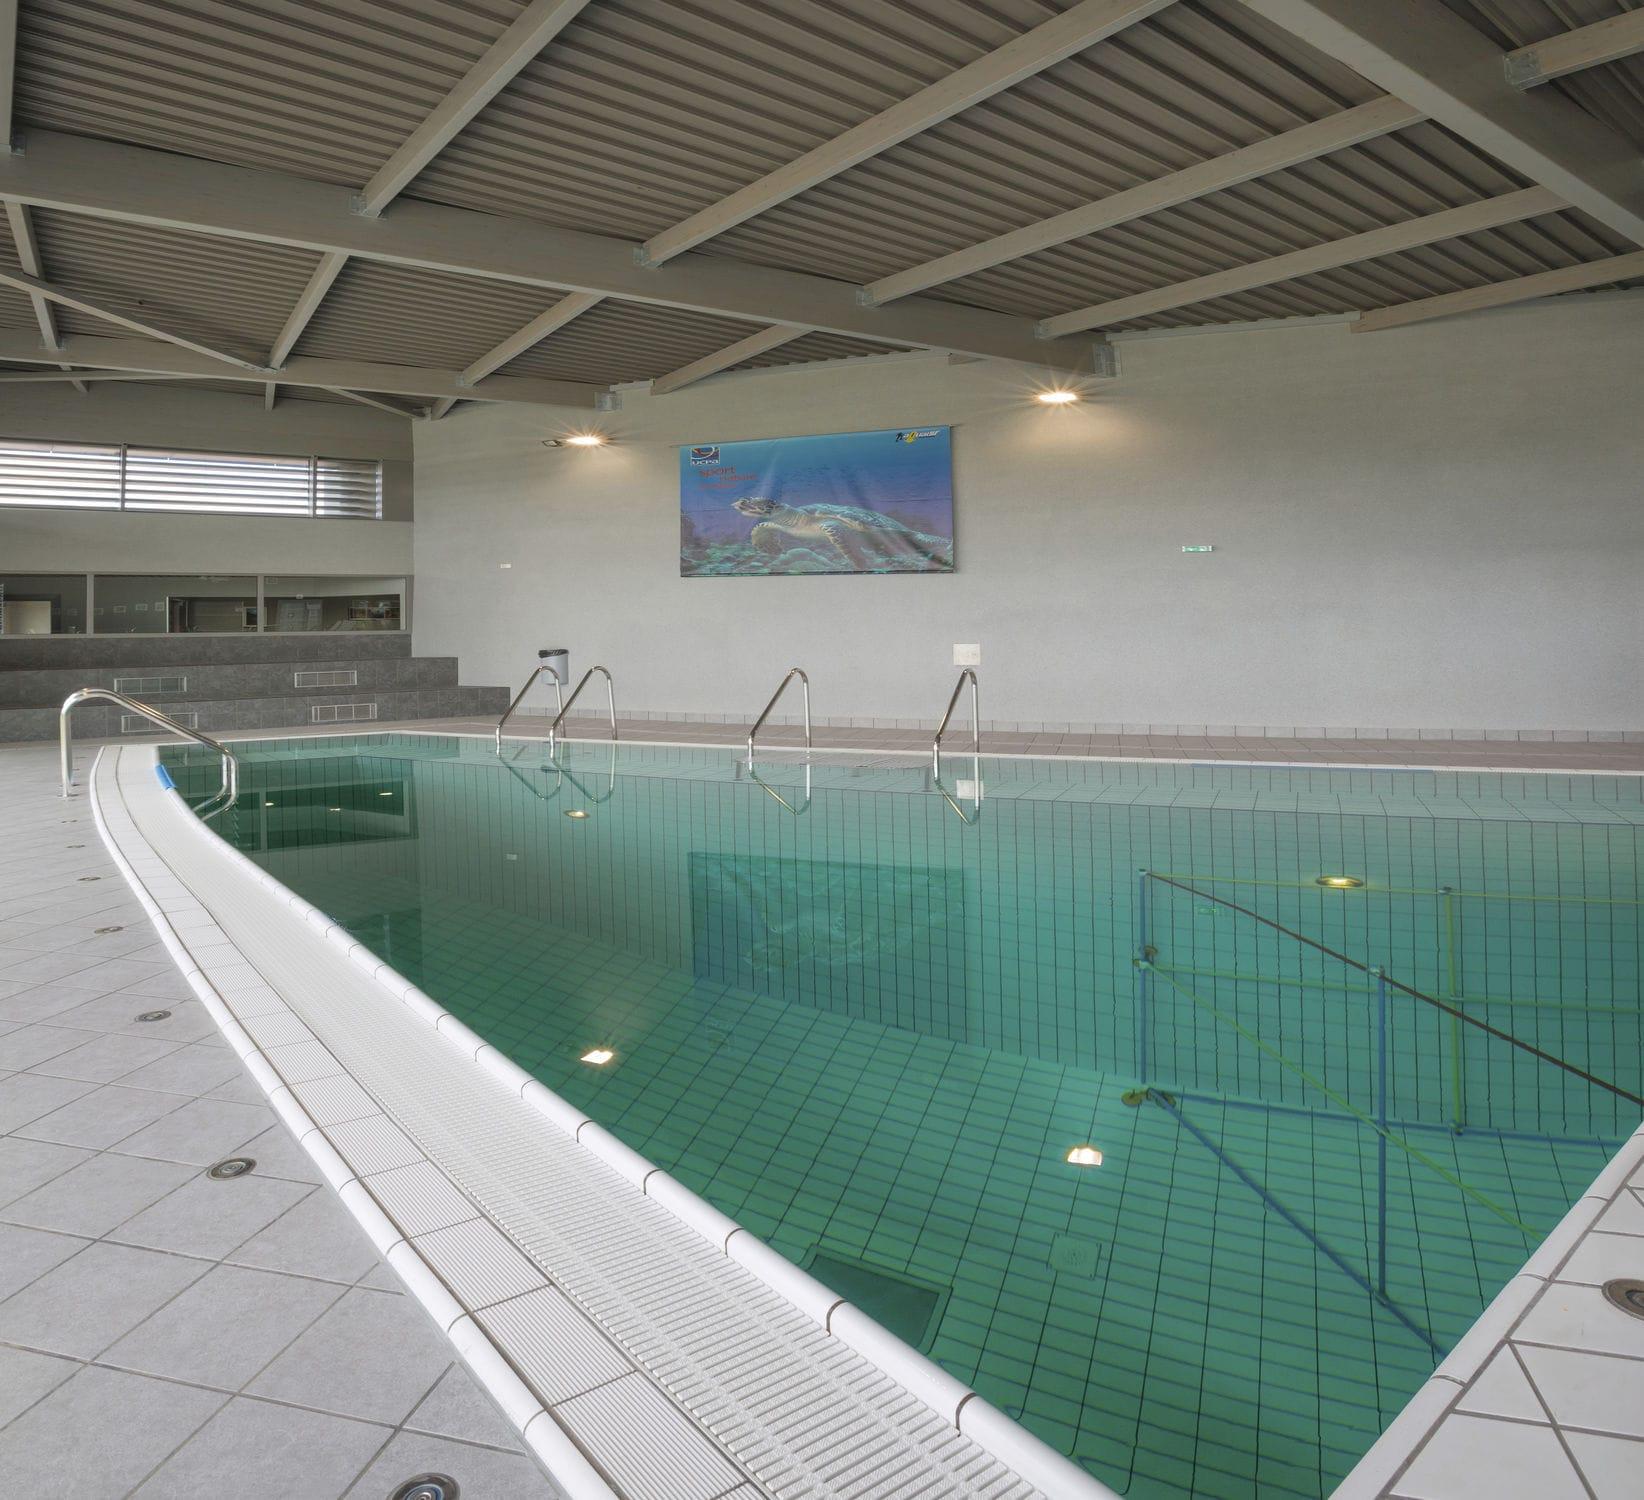 Concrete Competition Pool / Public / Indoor / Indoor ... tout Piscine Nemausa